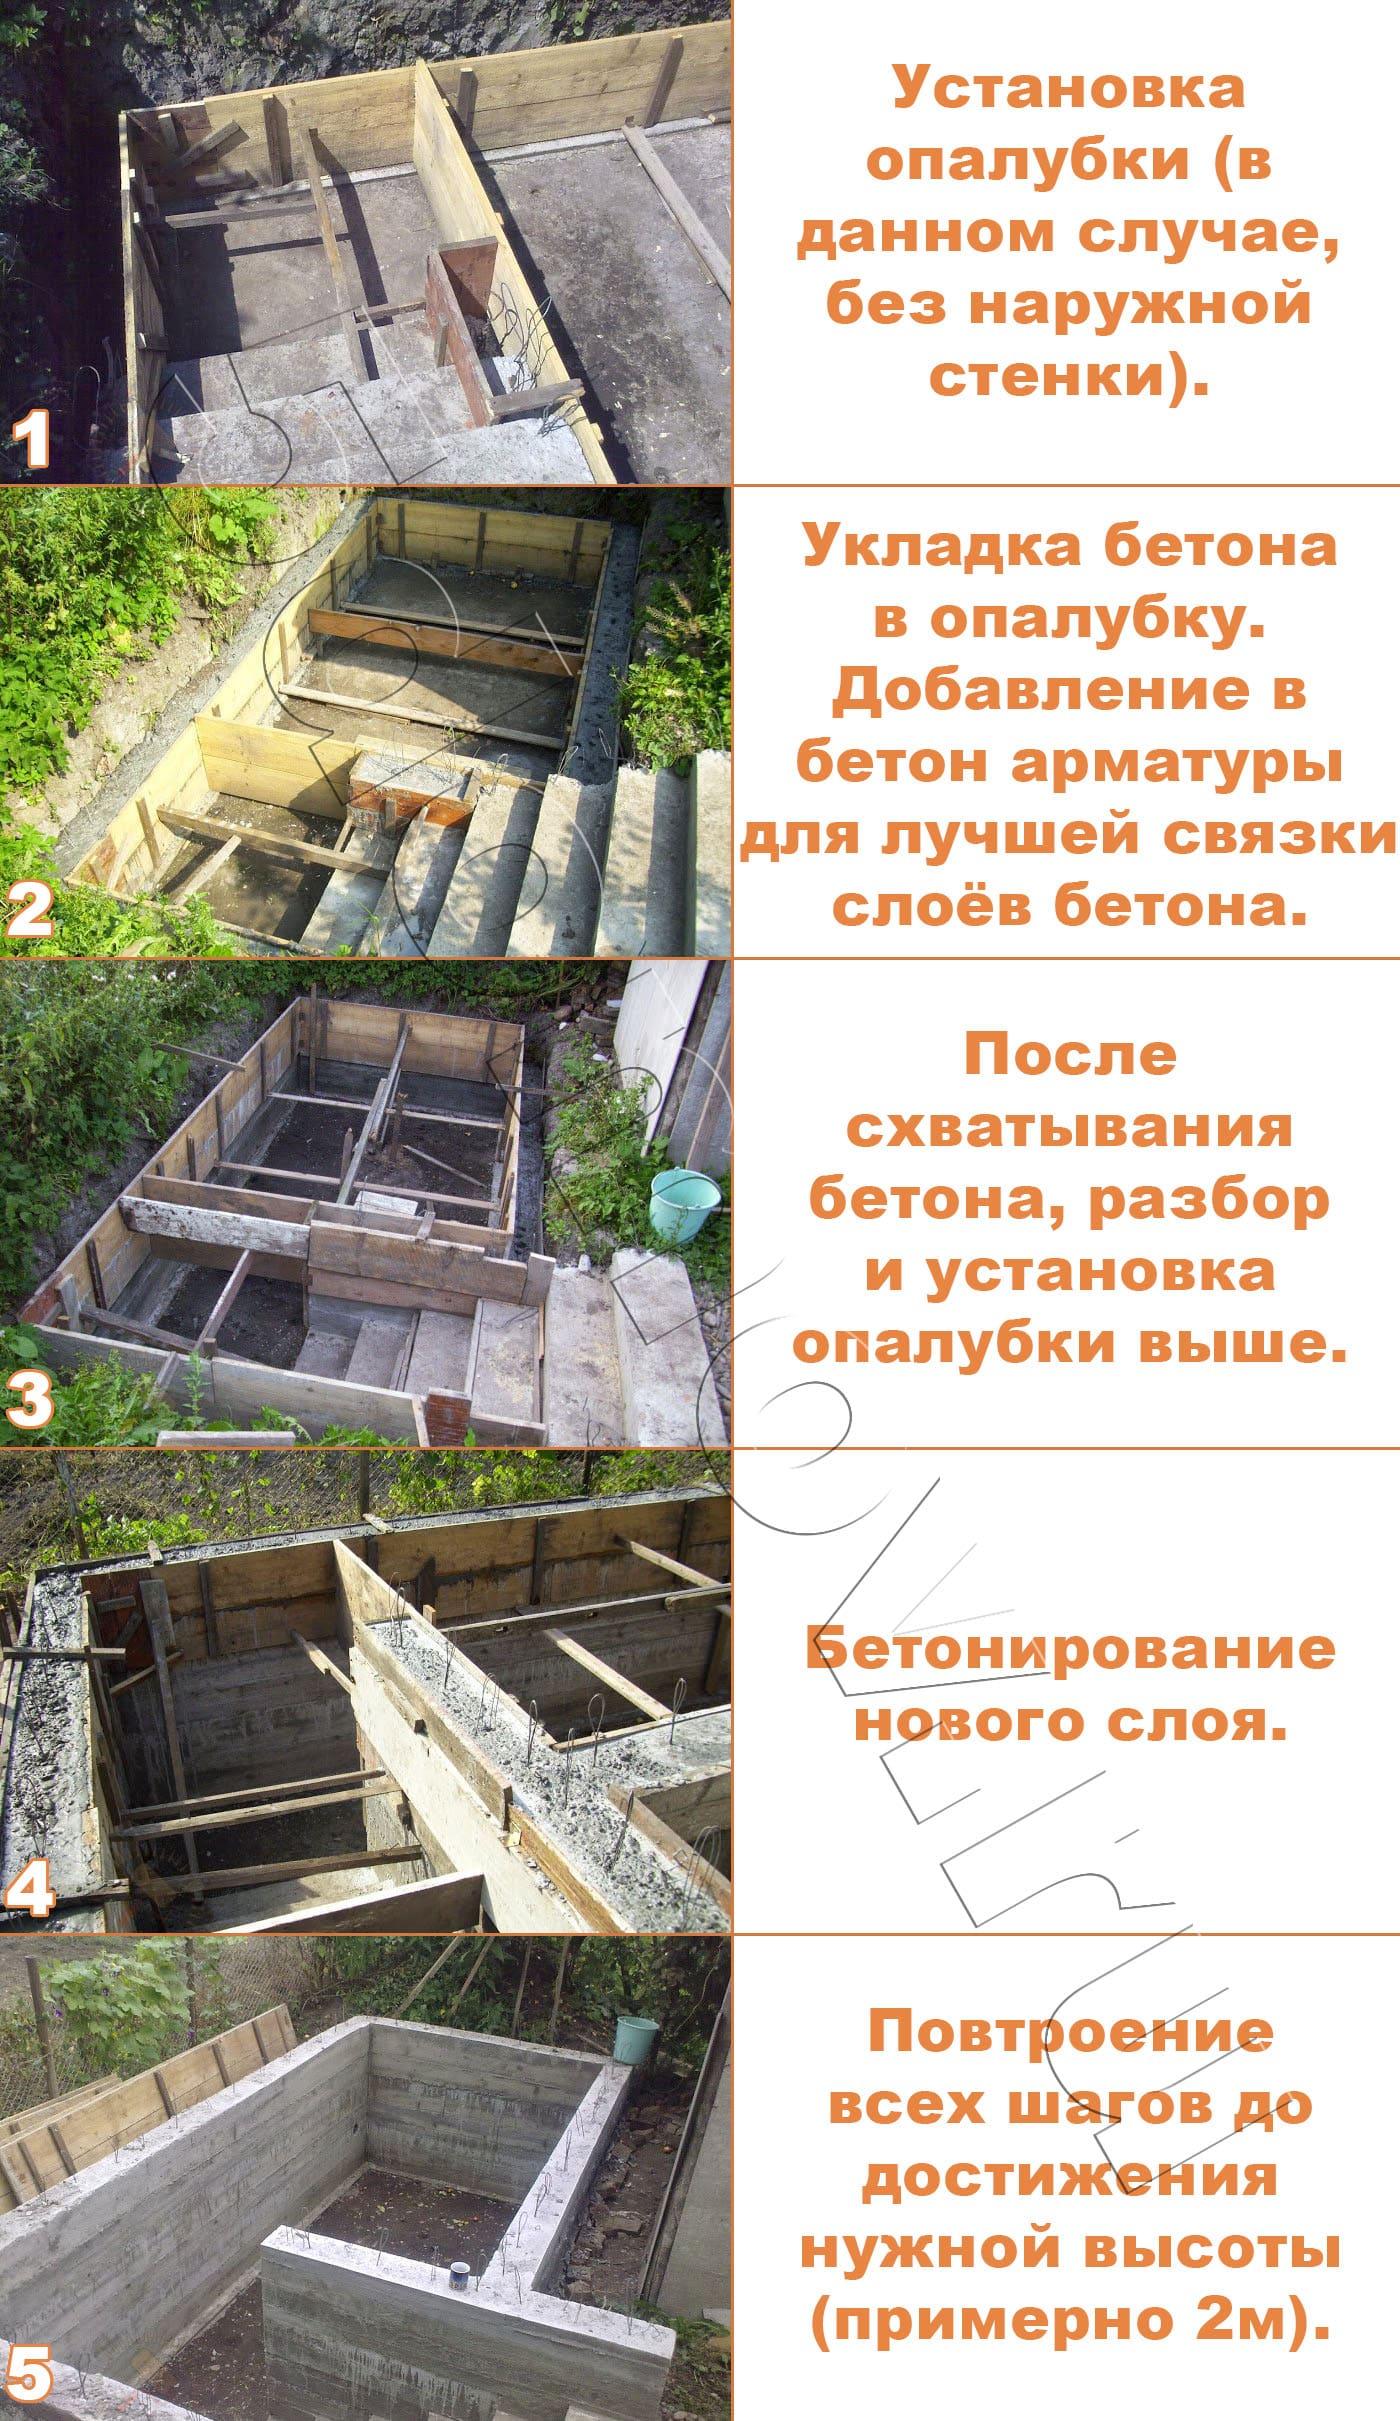 Пошаговая инструкция по бетонированию стен погреба с использованием опалубки